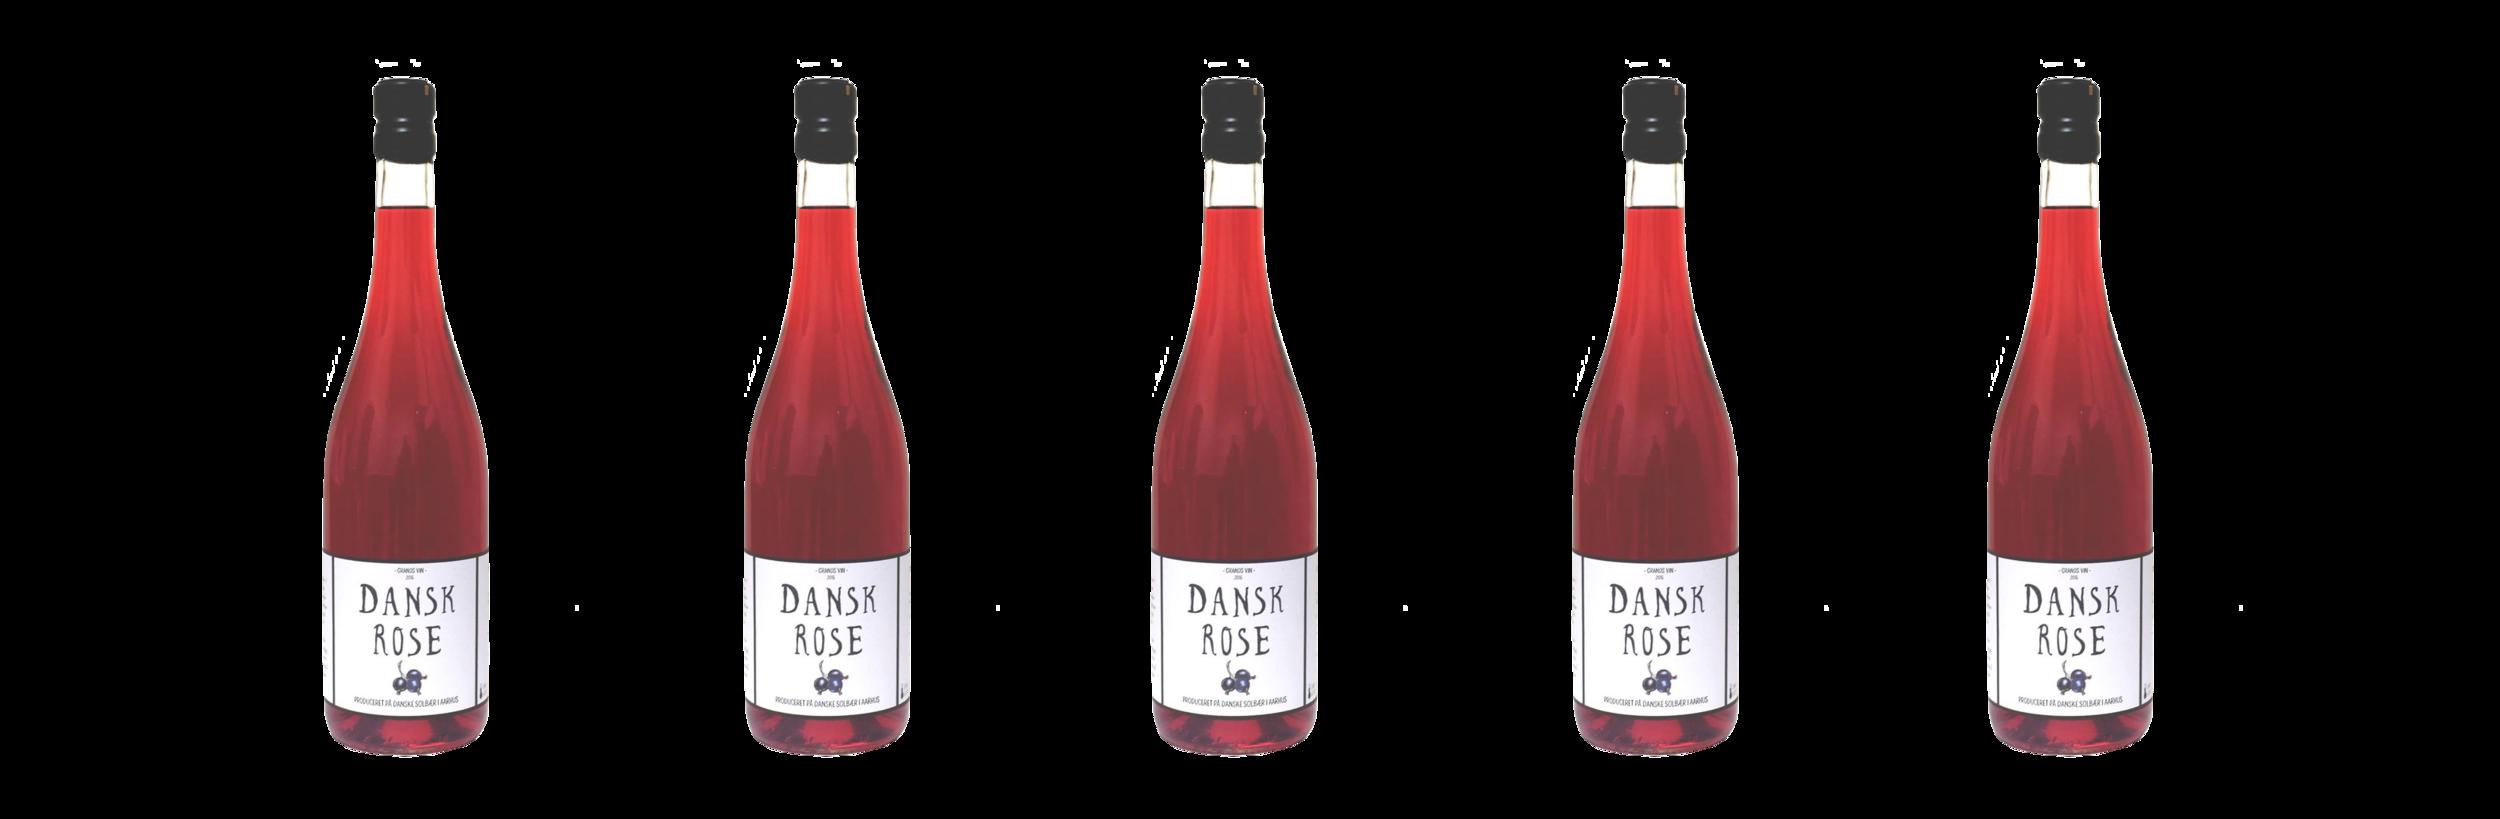 Dansk Rose